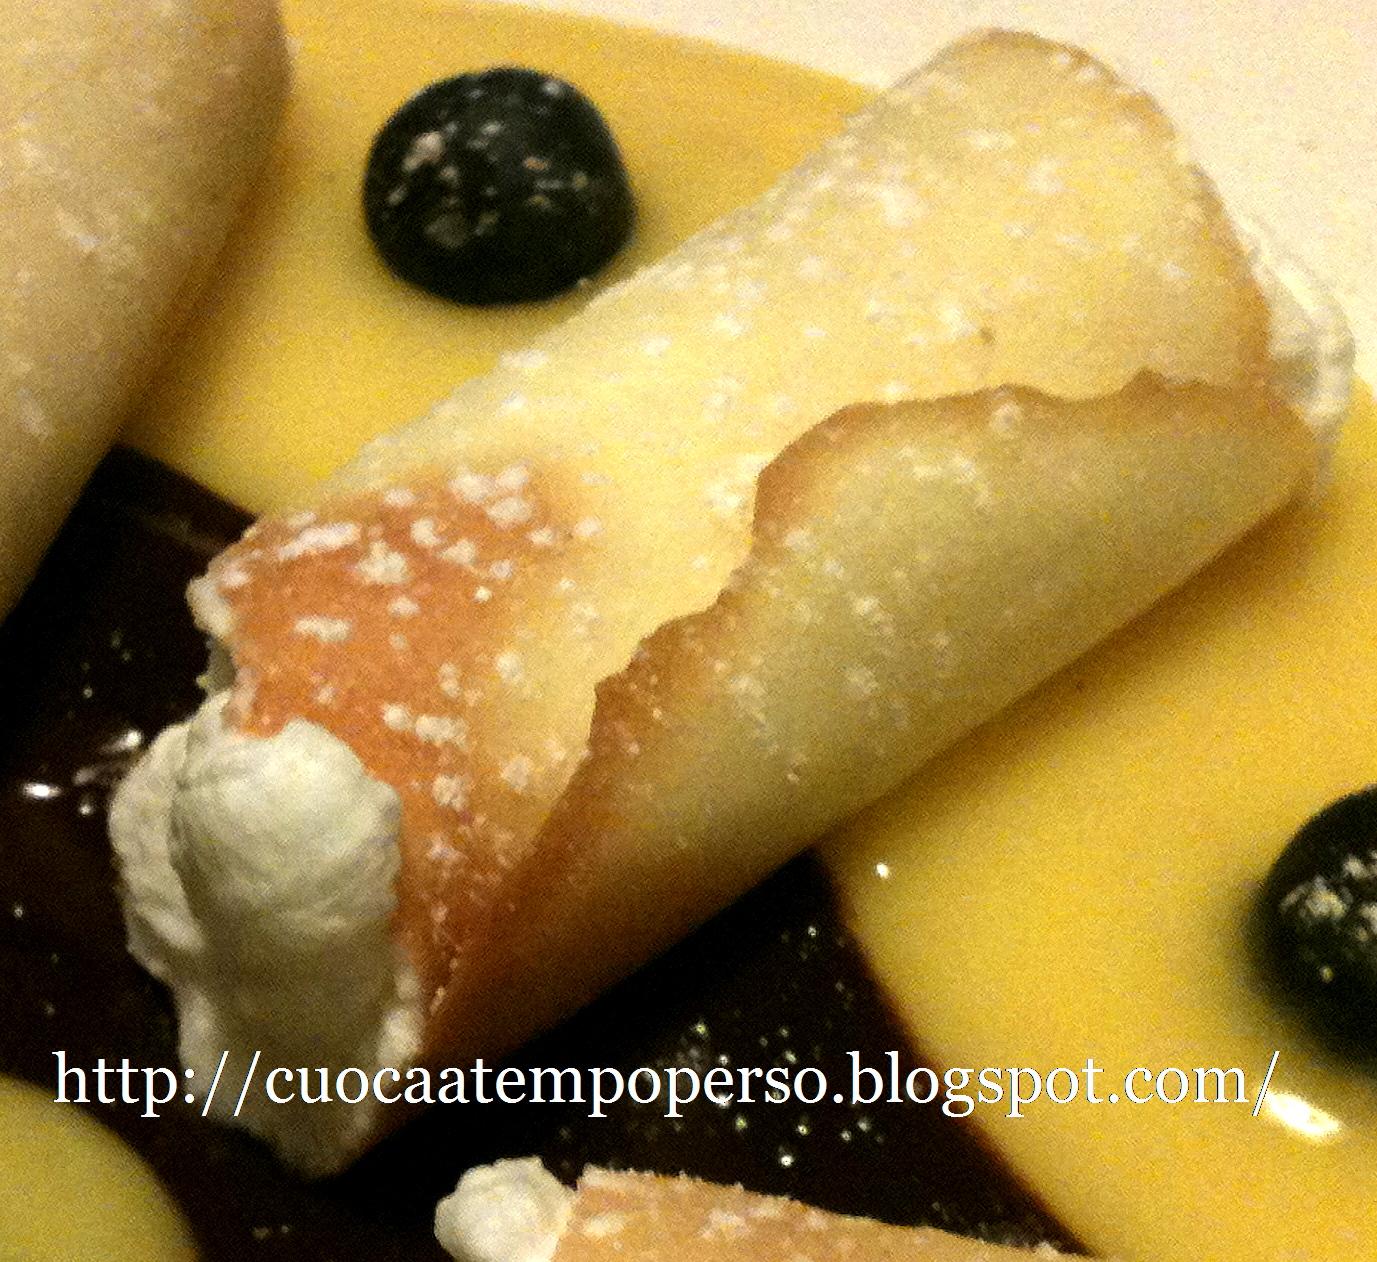 cilindri burrosi riempiti con panna su letto di crema allo zenzero e caffe